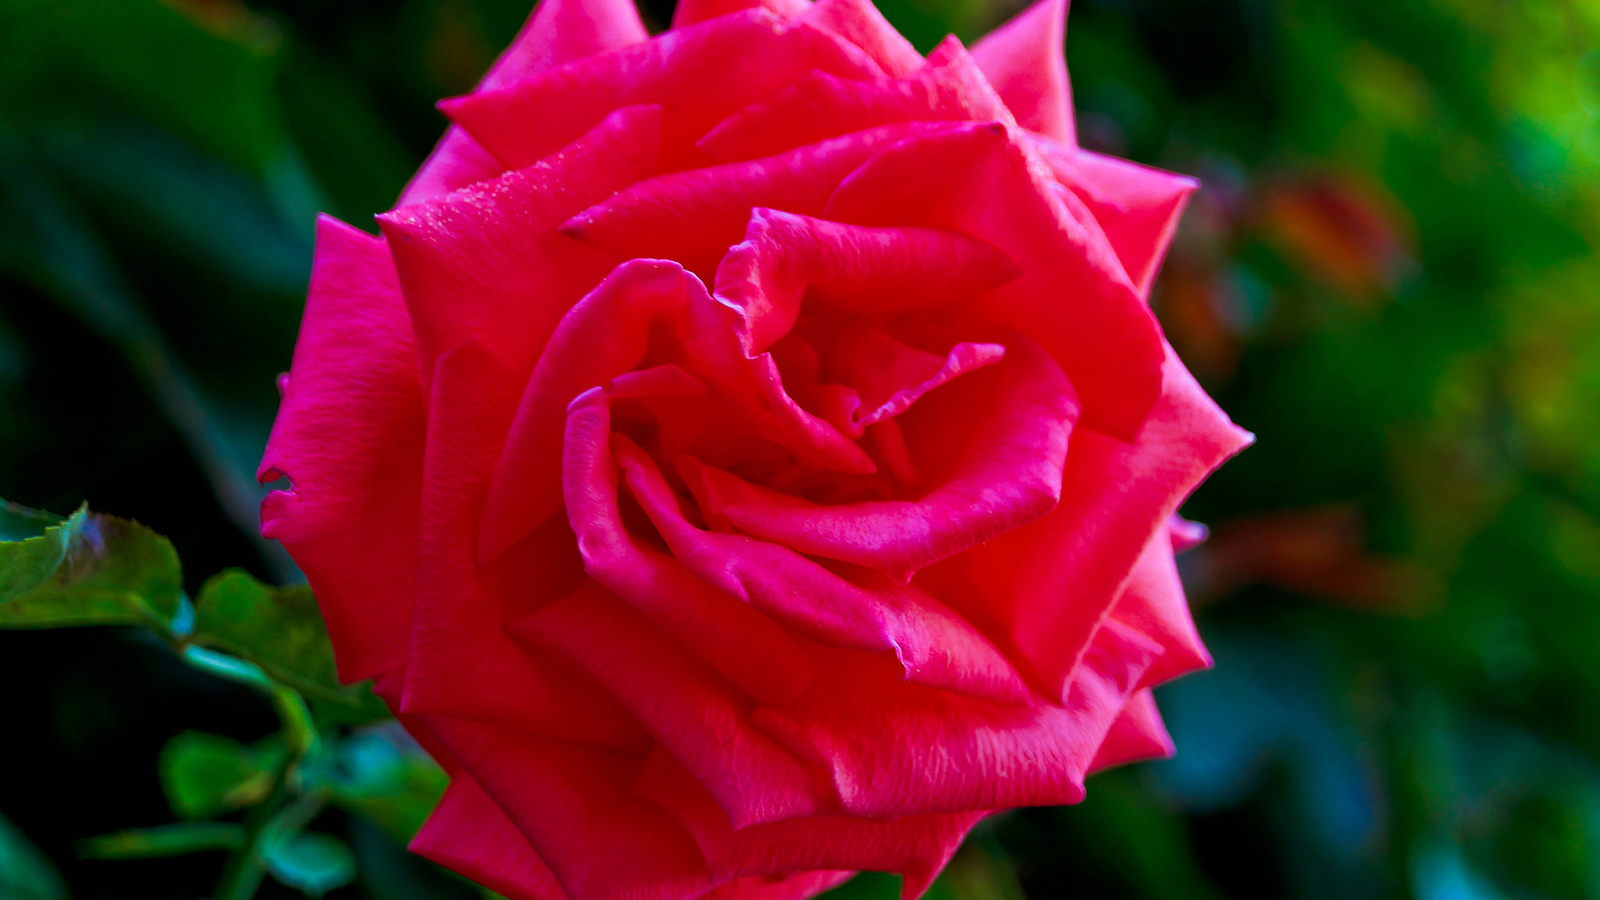 роза, бутон, лепестки, листья, цветение, rose, bud, petals, leaves, blossoms